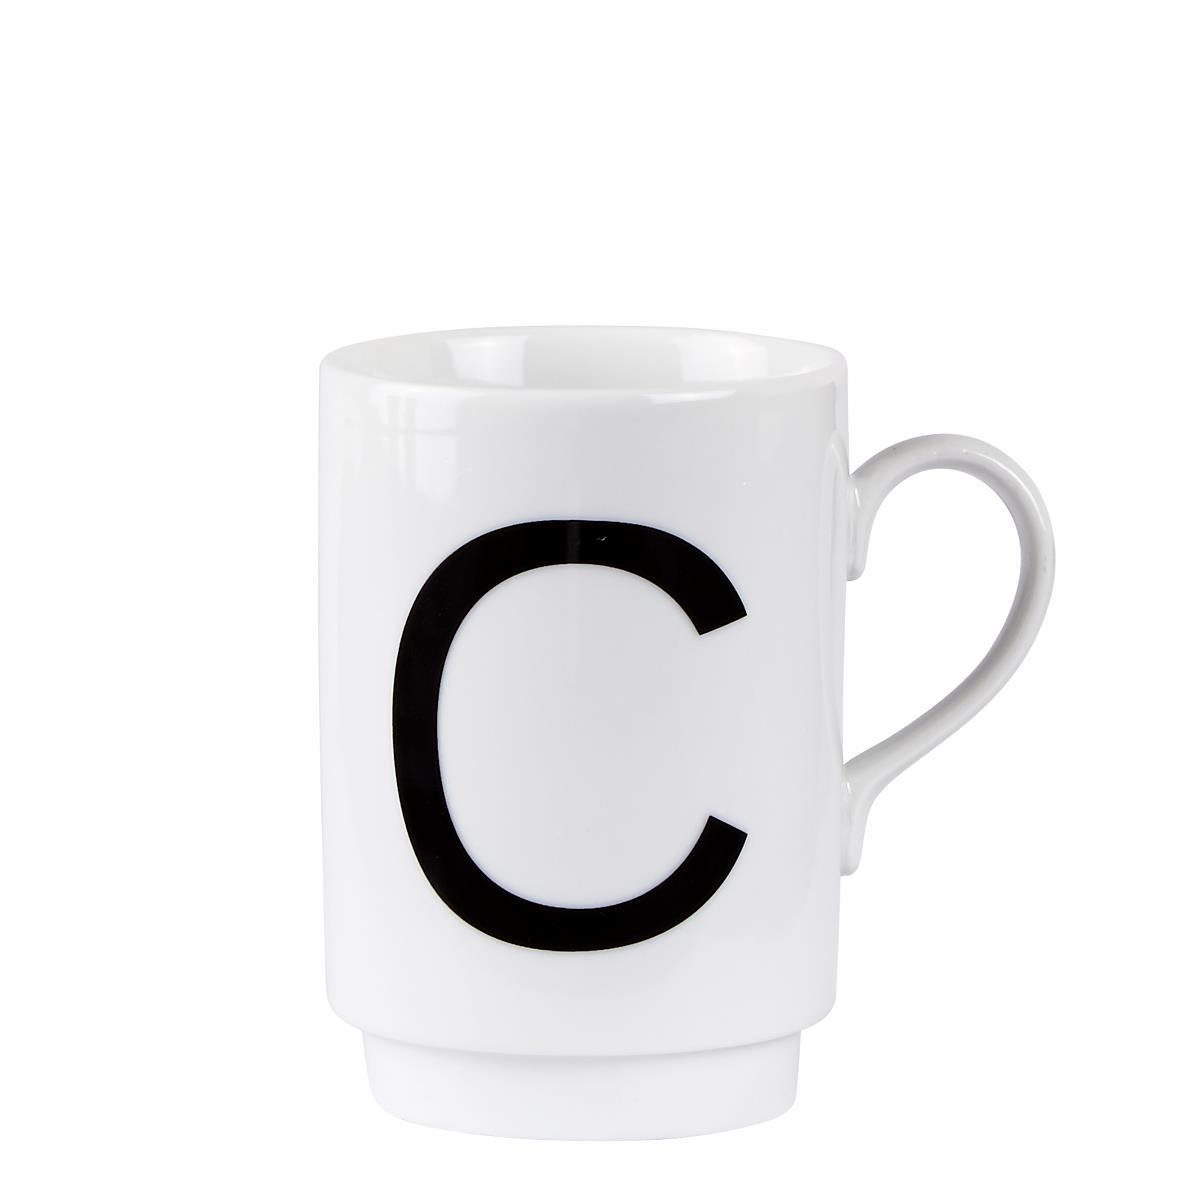 Cana Letter C, KJ, 250 ml, 251063 imagine